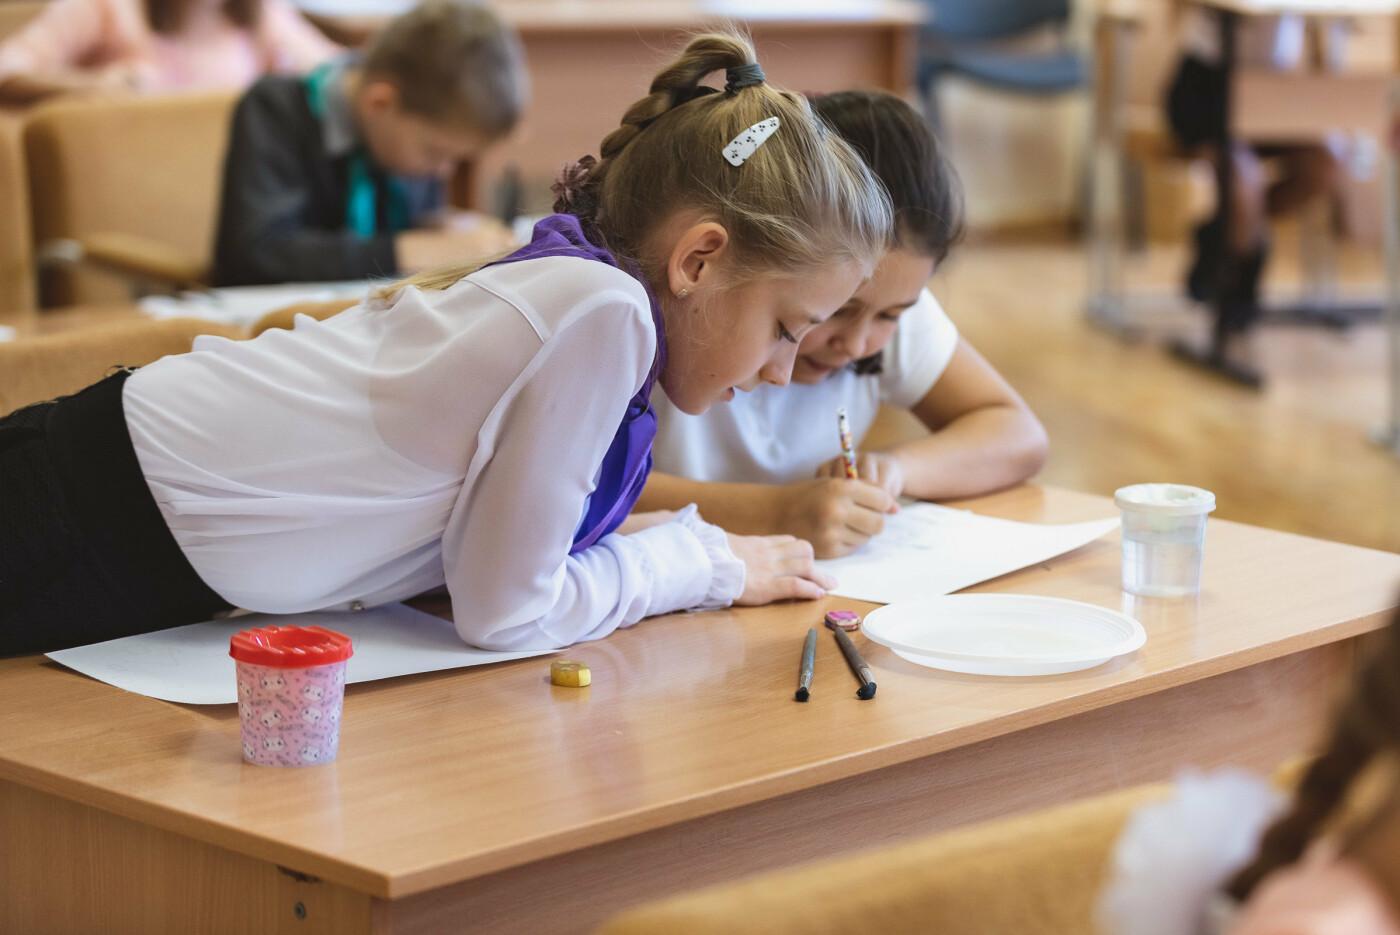 В Ялтинской школе № 1 для школьников провели художественный мастер-класс, фото-7